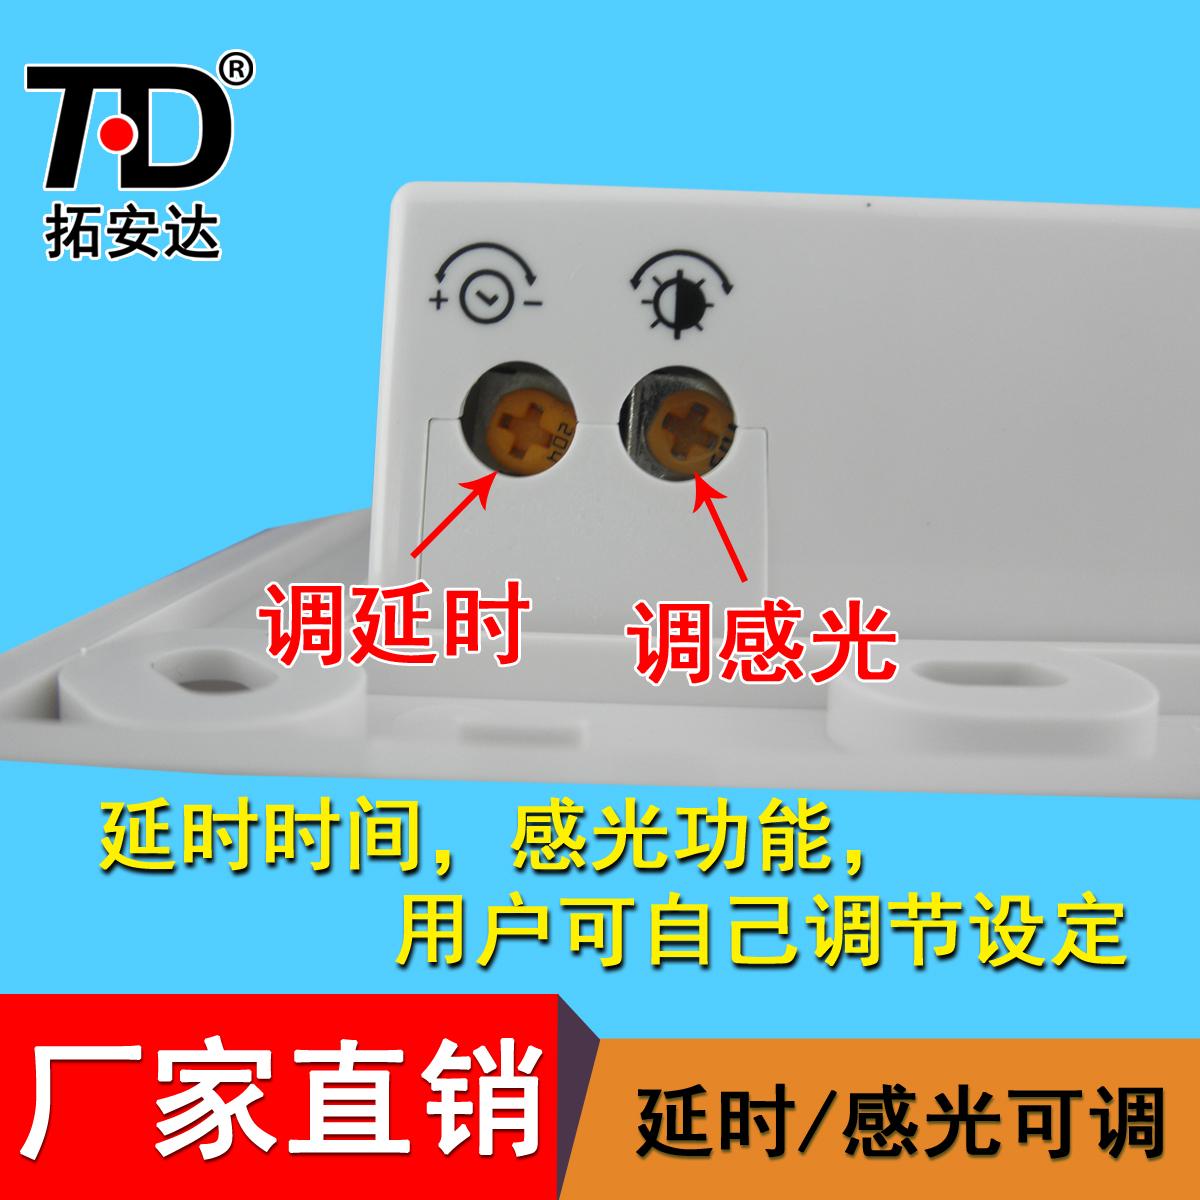 86 لوحة جسم الإنسان استشعار الأشعة تحت الحمراء التبديل 220 فولت ممر سقف قابل للتعديل مصباح الصمام عالية الطاقة أدى